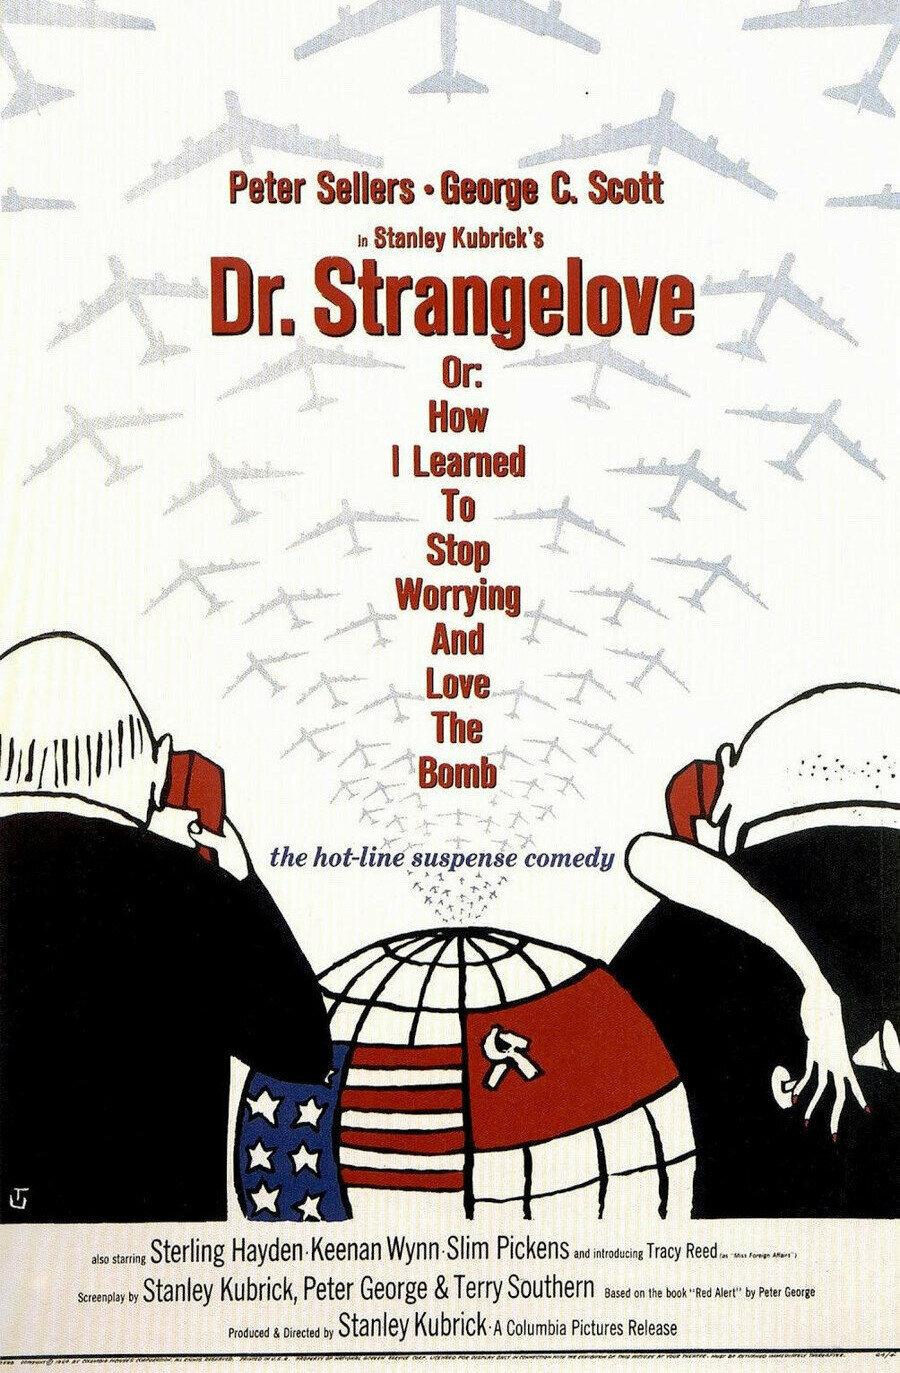 Dr. Strangelove İstanbul Film Festivali Stanley Kubrick'i, ölümünün yirminci yıldönümünde özel bir bölümle anıyor. Soğuk Savaş dönemini anlatan politik hiciv Dr. Strangelove'ın yanı sıra yenilenmiş kopyalarıyla gösterilecek on iki tane daha Kubrick filmi, yönetmenin filmlerini beyaz perdede izleyememiş kuşakları ve Kubrick hayranlarını sinemaya çağırıyor.